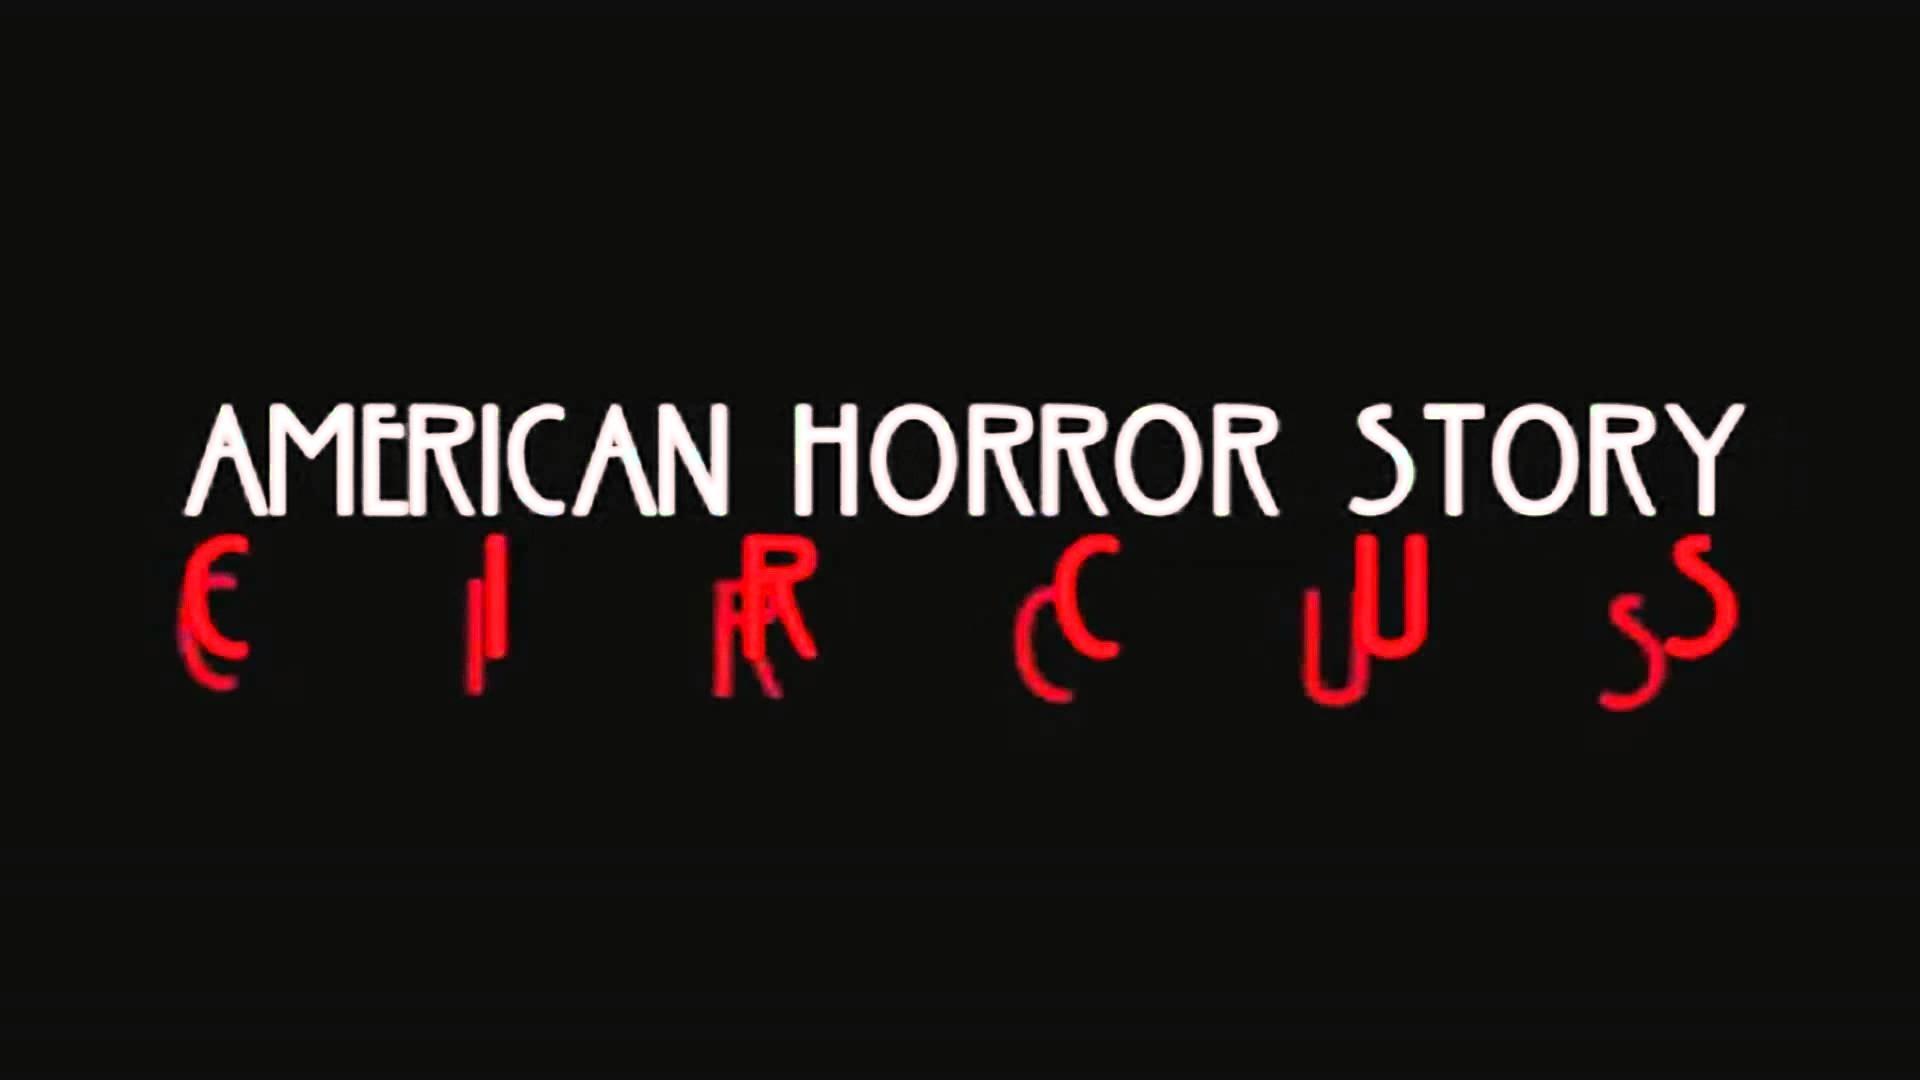 Картинка с надписью американская история ужасов, открытку мая